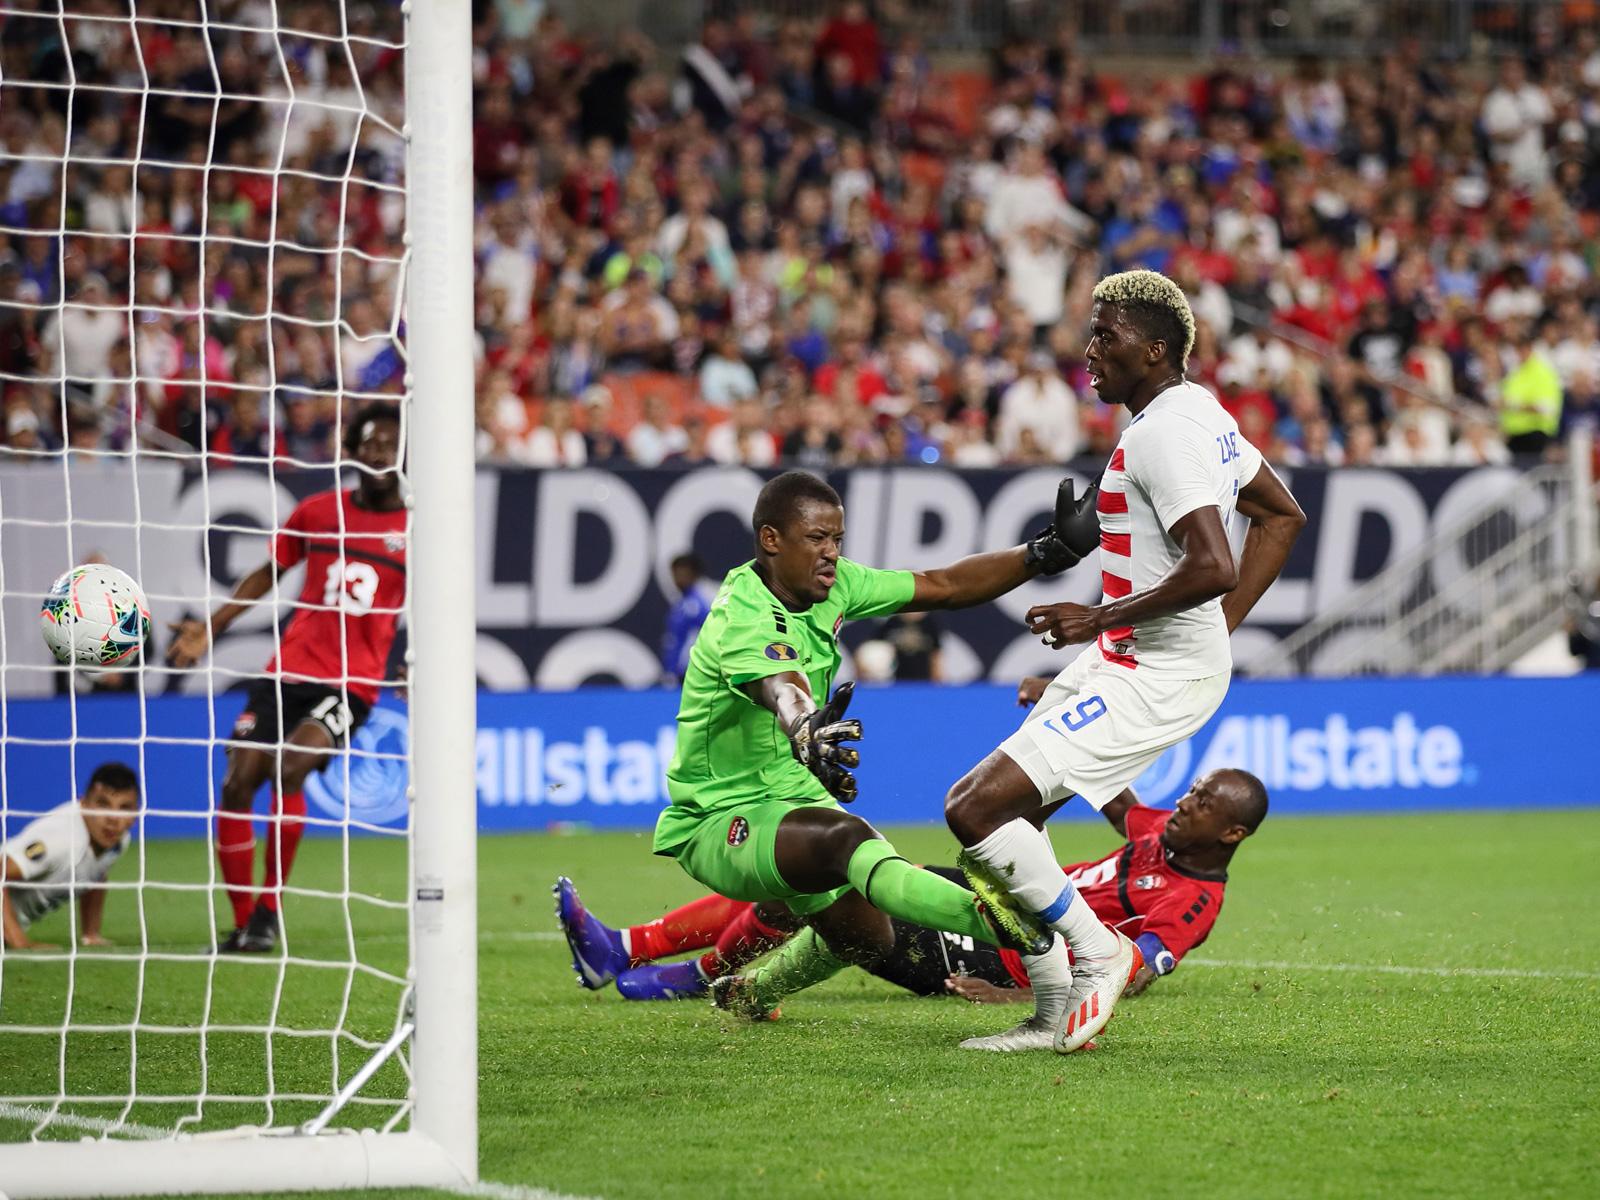 Gyasi Zardes scores for the USA vs. Trinidad and Tobago